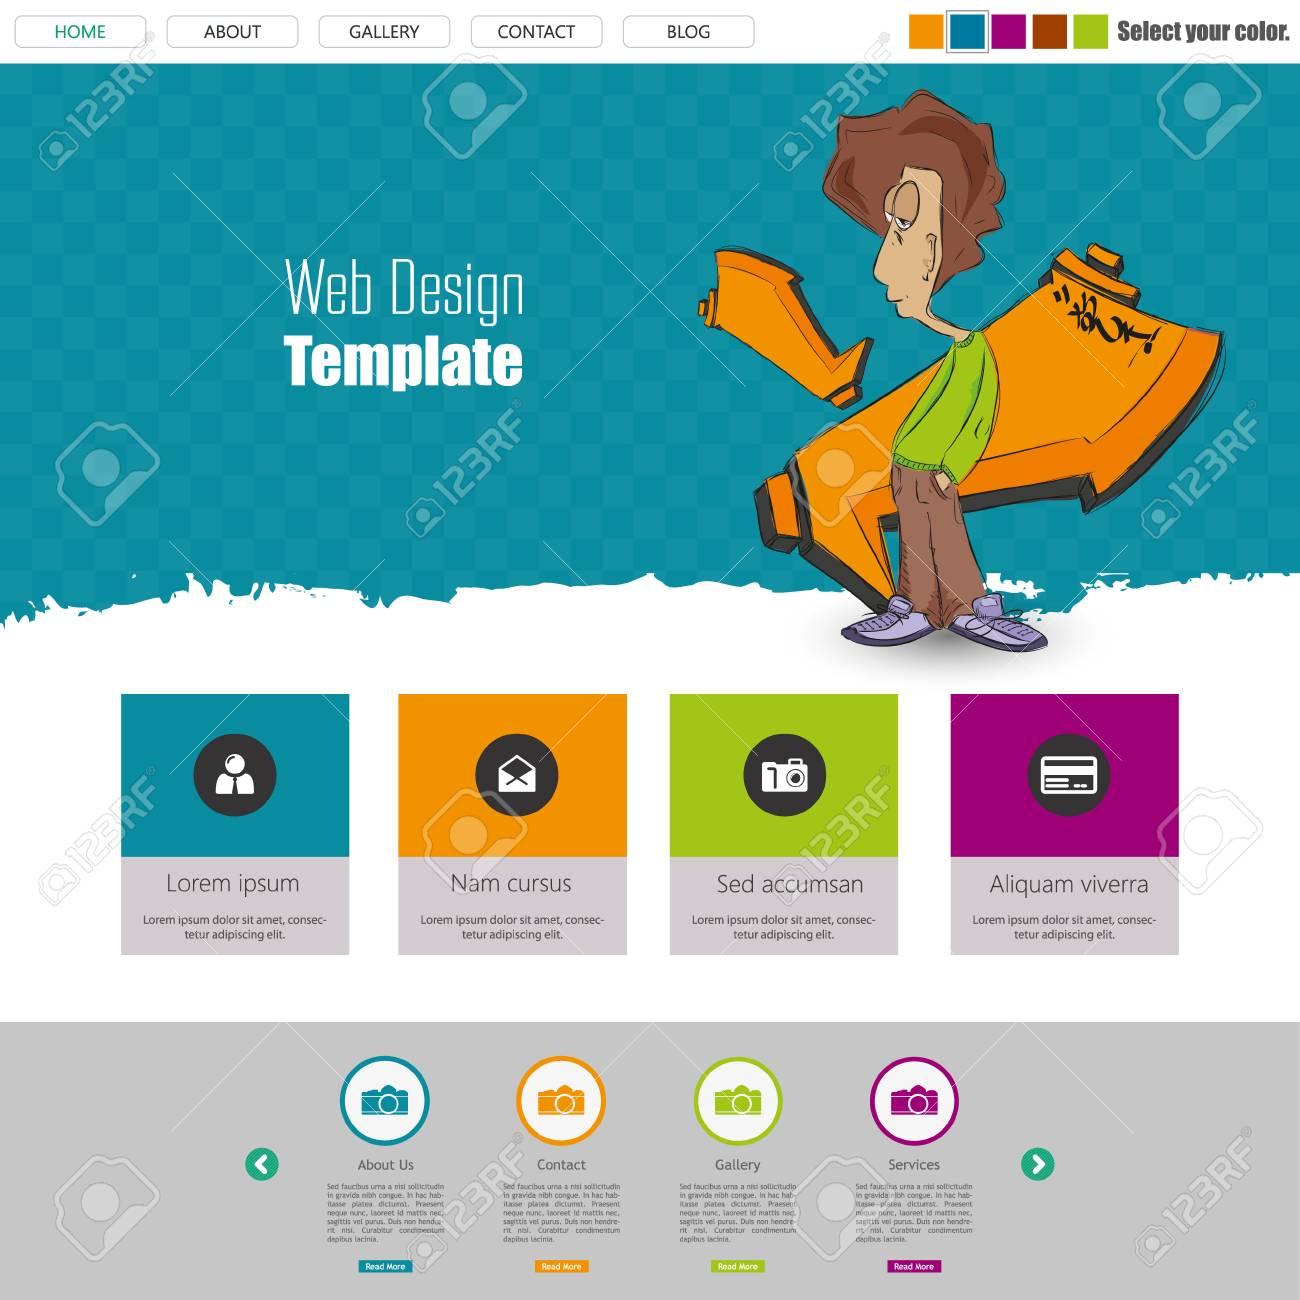 Diseño Web Flat, Elementos, Botones, Iconos. Plantillas Para El ...